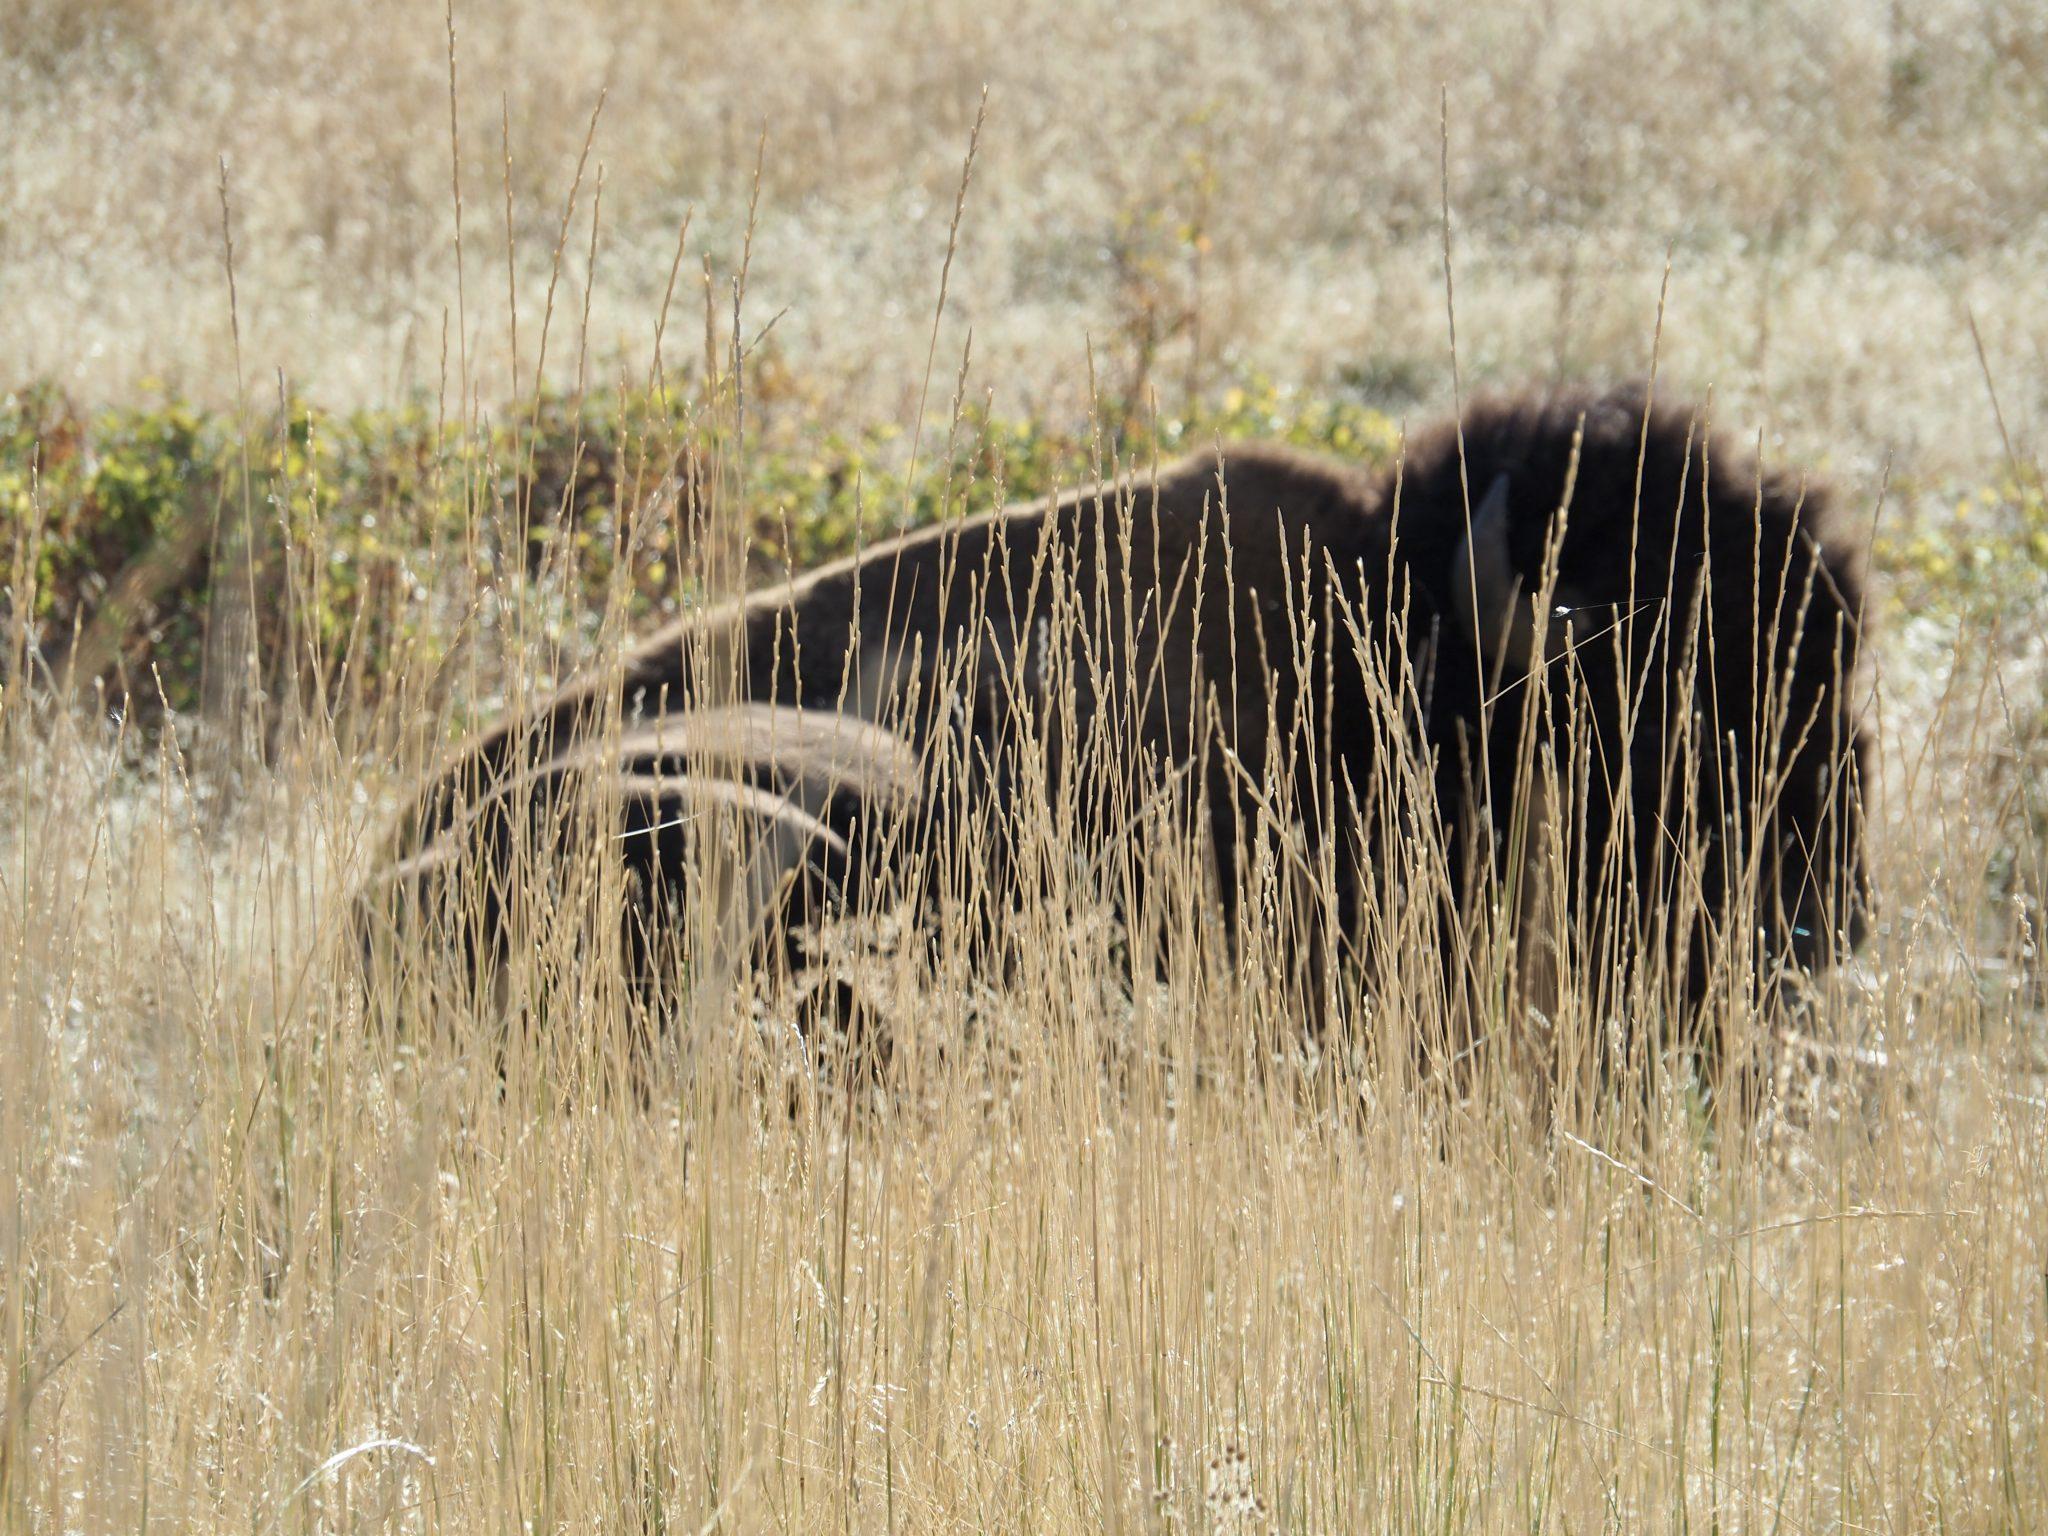 National Bison Range Montana USA Bison